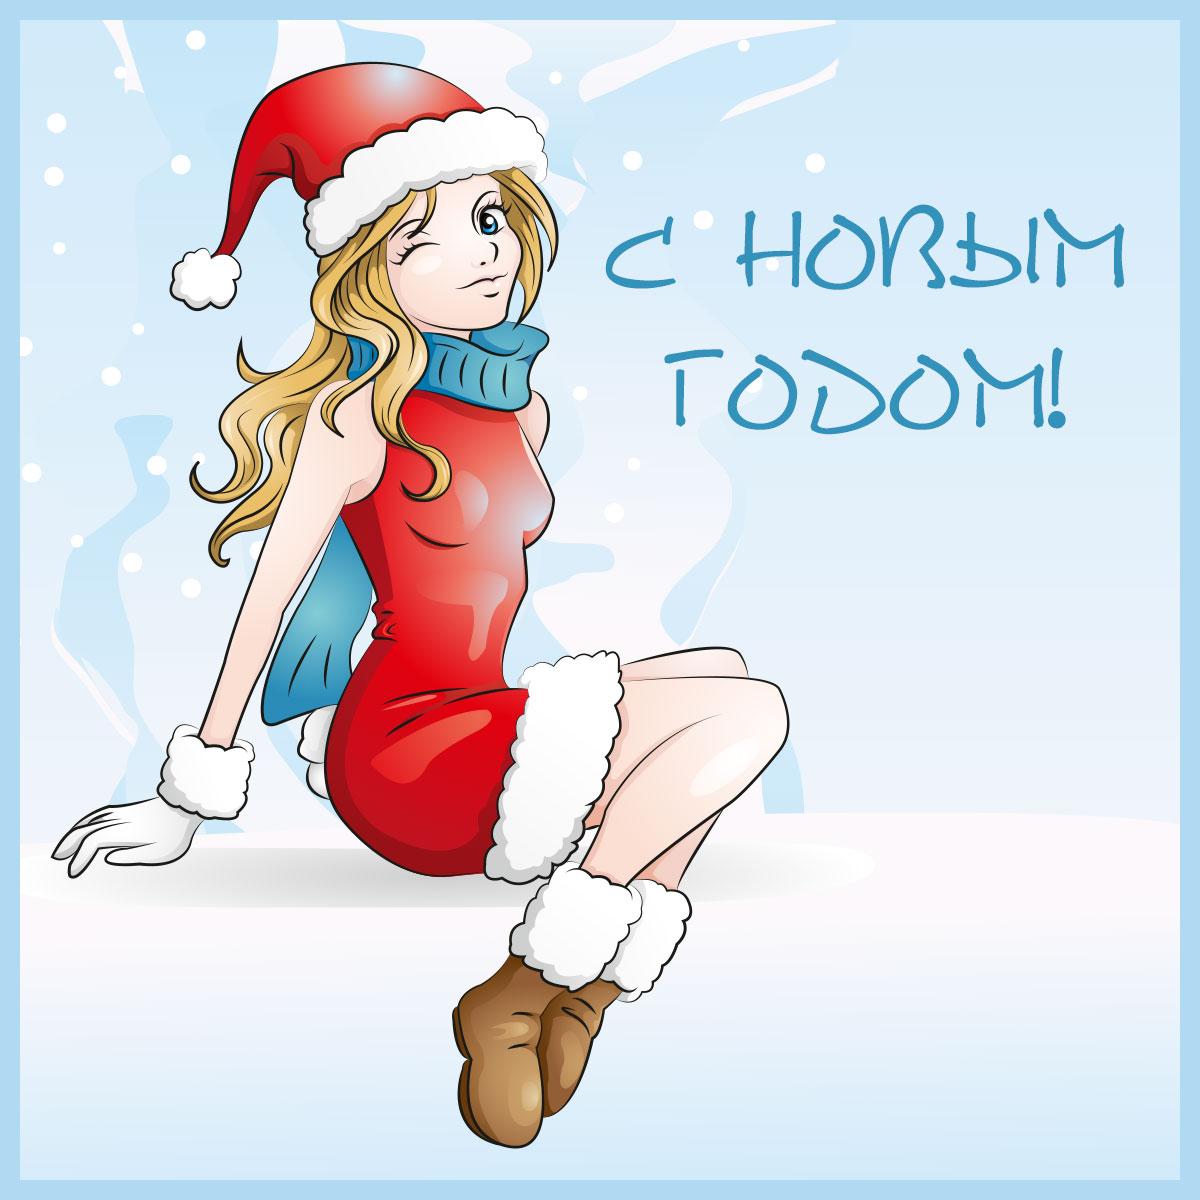 Картинка в стиле аниме на новый год: девушка в красном платье и шапке Санта Клауса, зимних сапогах и шарфе на голубом фоне с надписью.